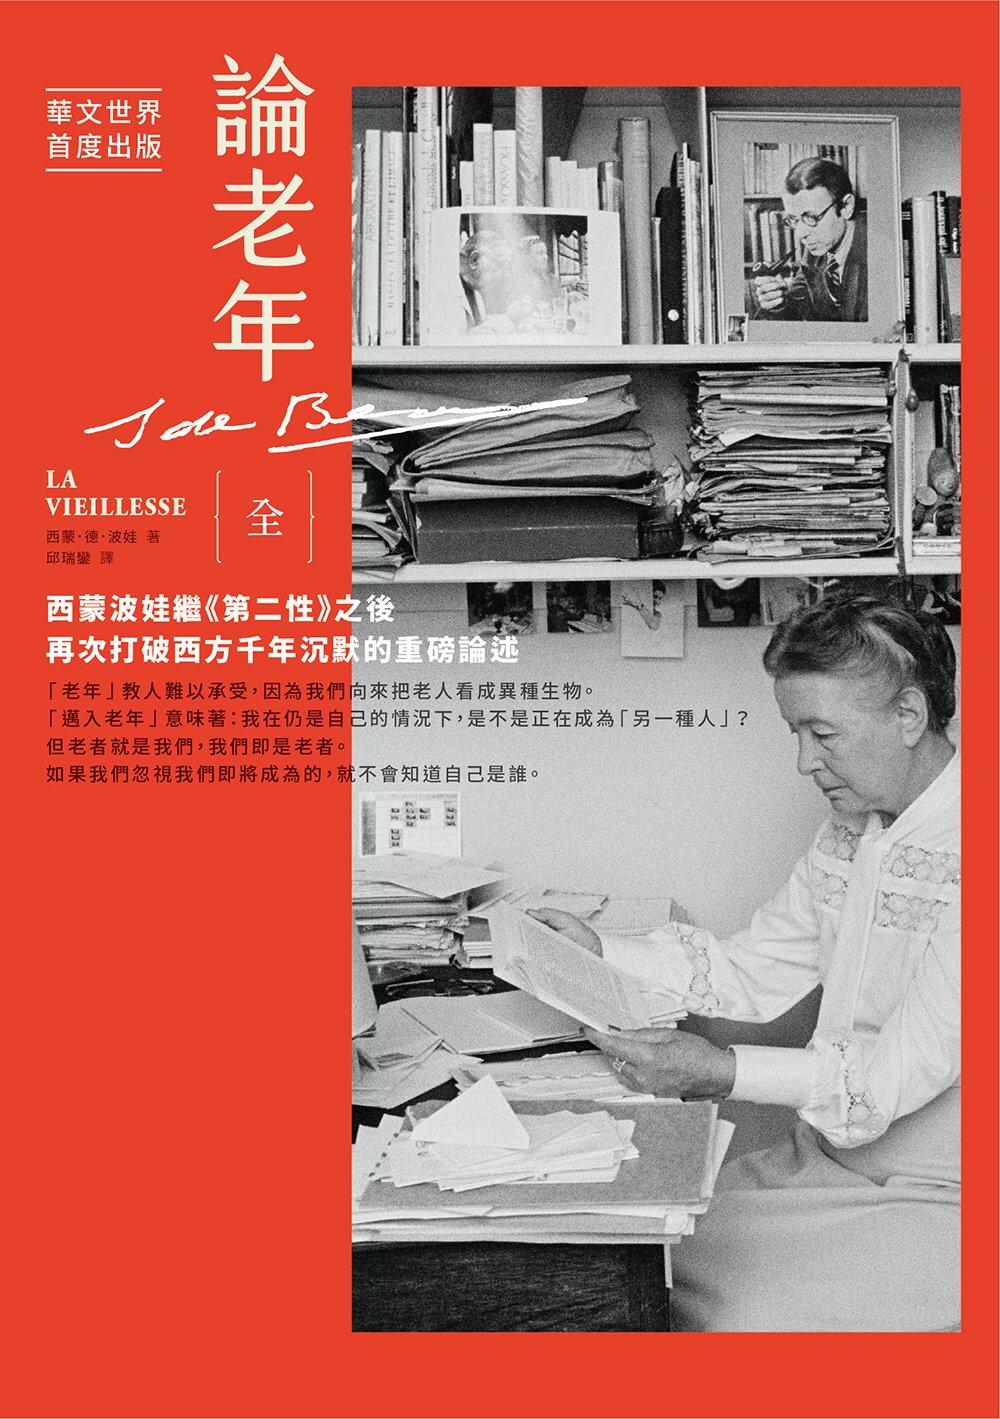 論老年【華文世界首度出版】:西蒙波娃繼《第二性》之後,再次打破西方千年沉默的重磅論述 (電子書)